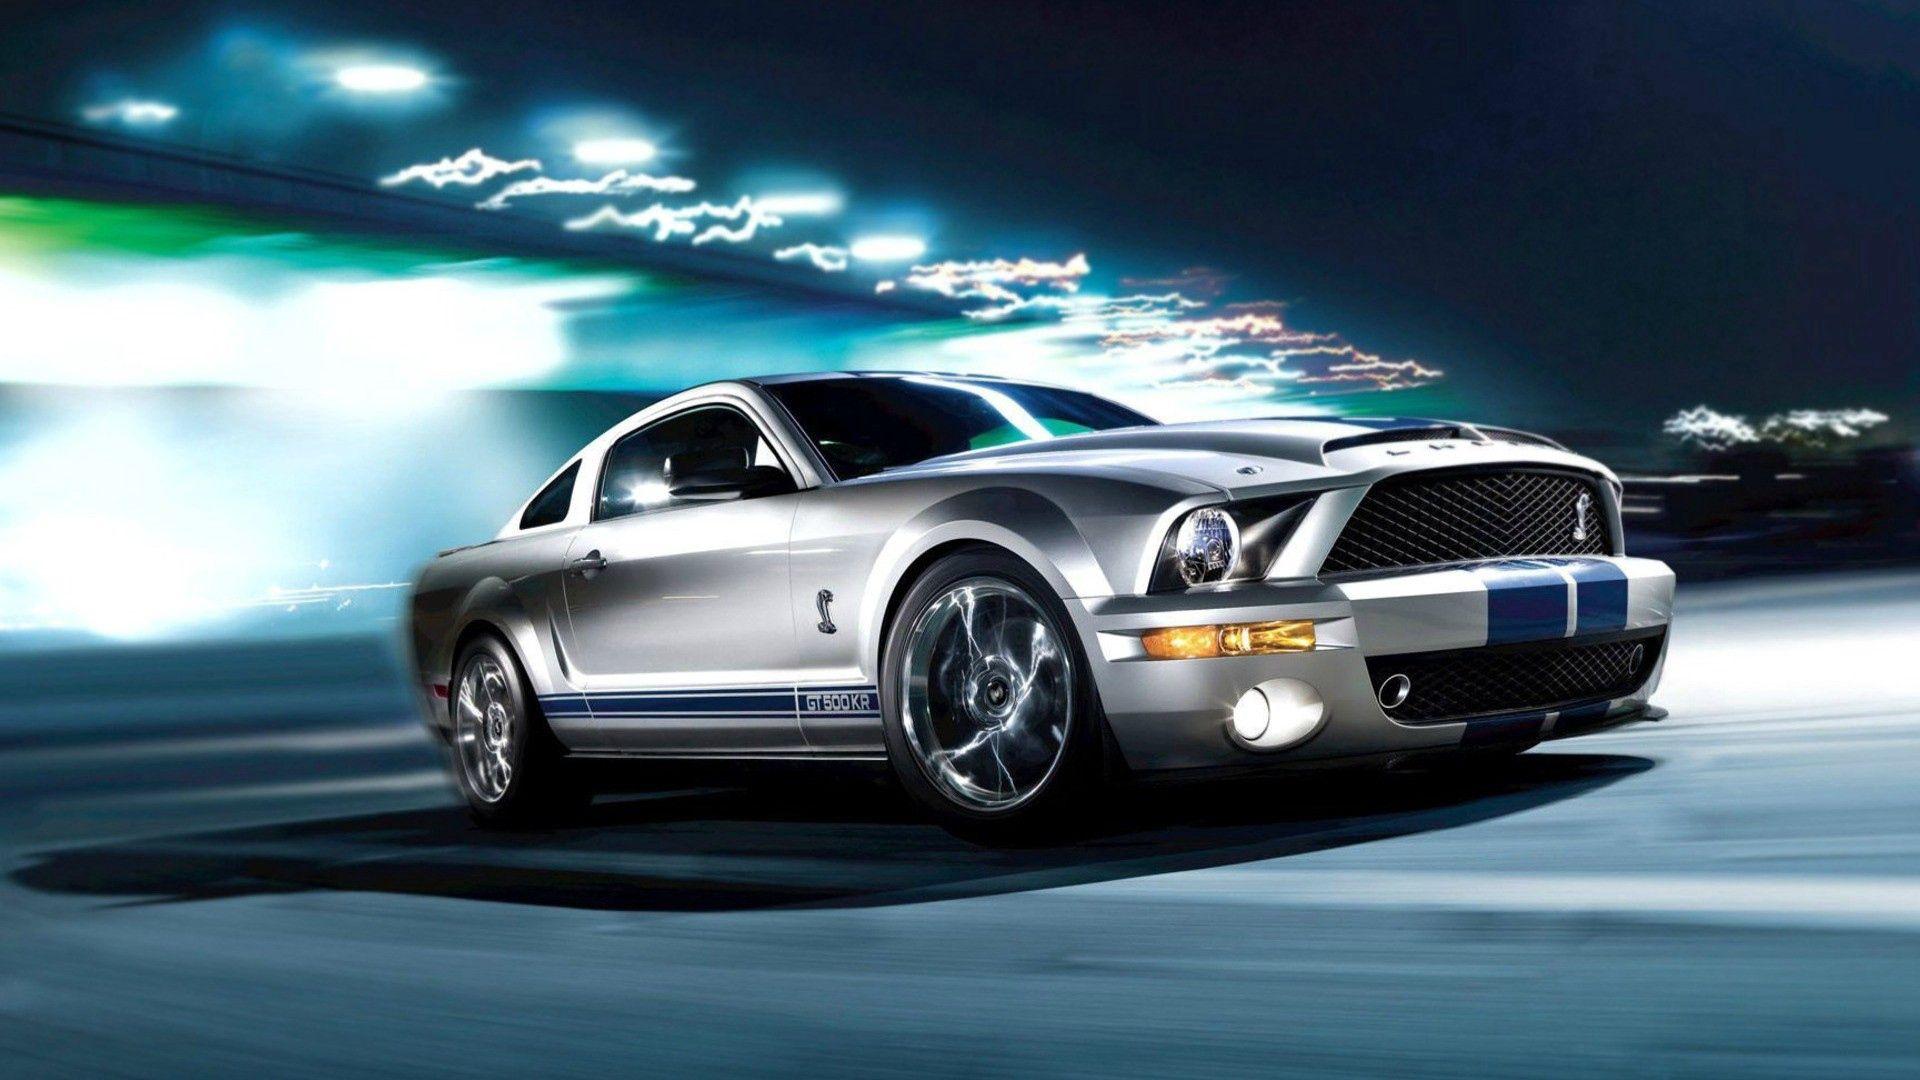 103575 скачать обои Тачки (Cars), Форд (Ford), Мустанг (Mustang), Серый, Shelby, Gt500, Машины - заставки и картинки бесплатно